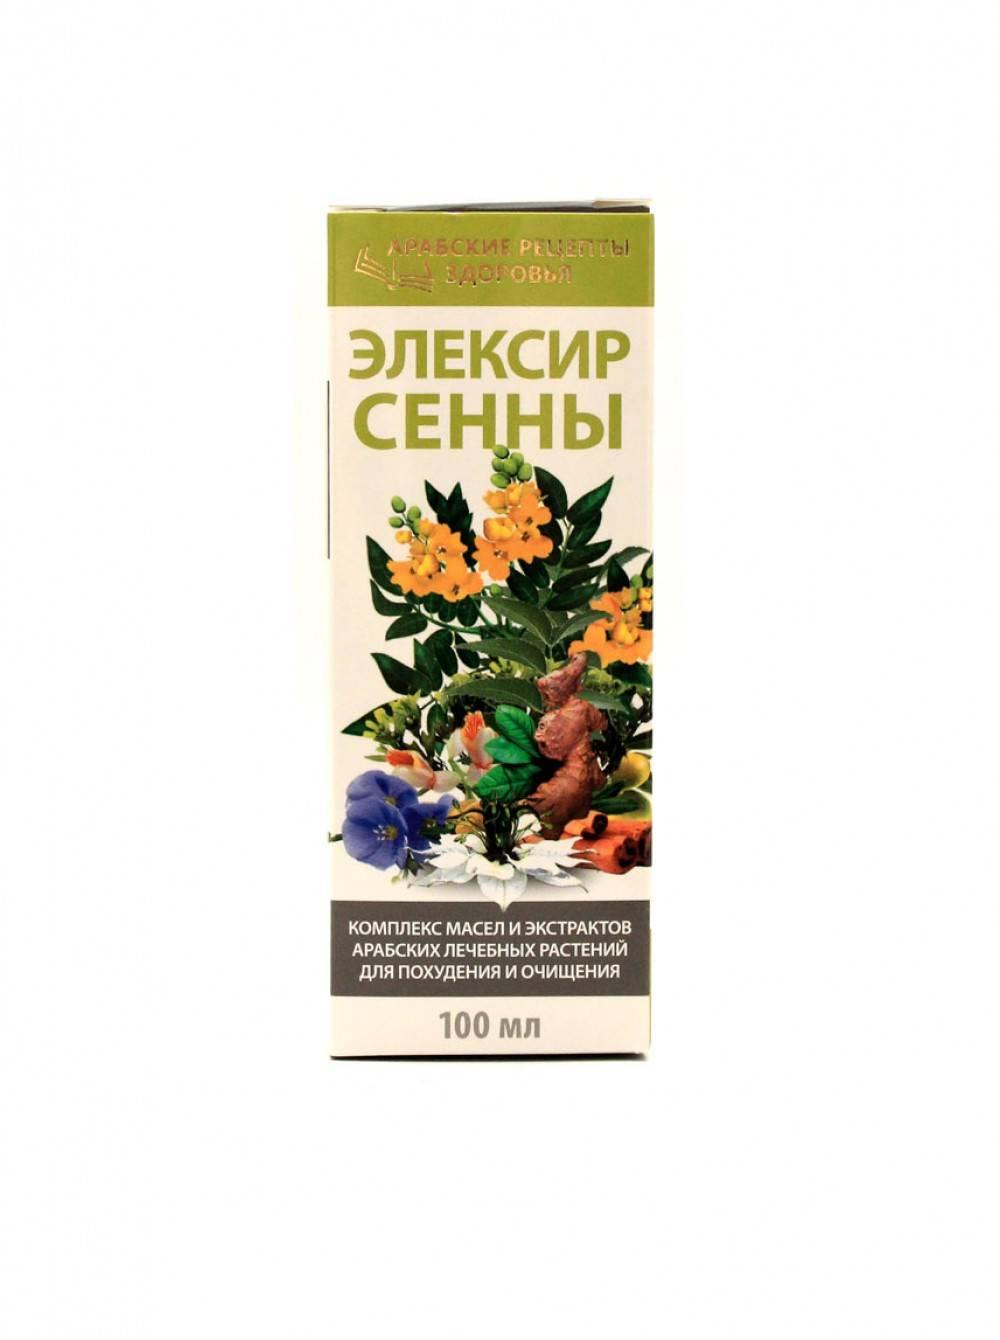 Сенна для похудения, как помогают листья сенны для похудения?